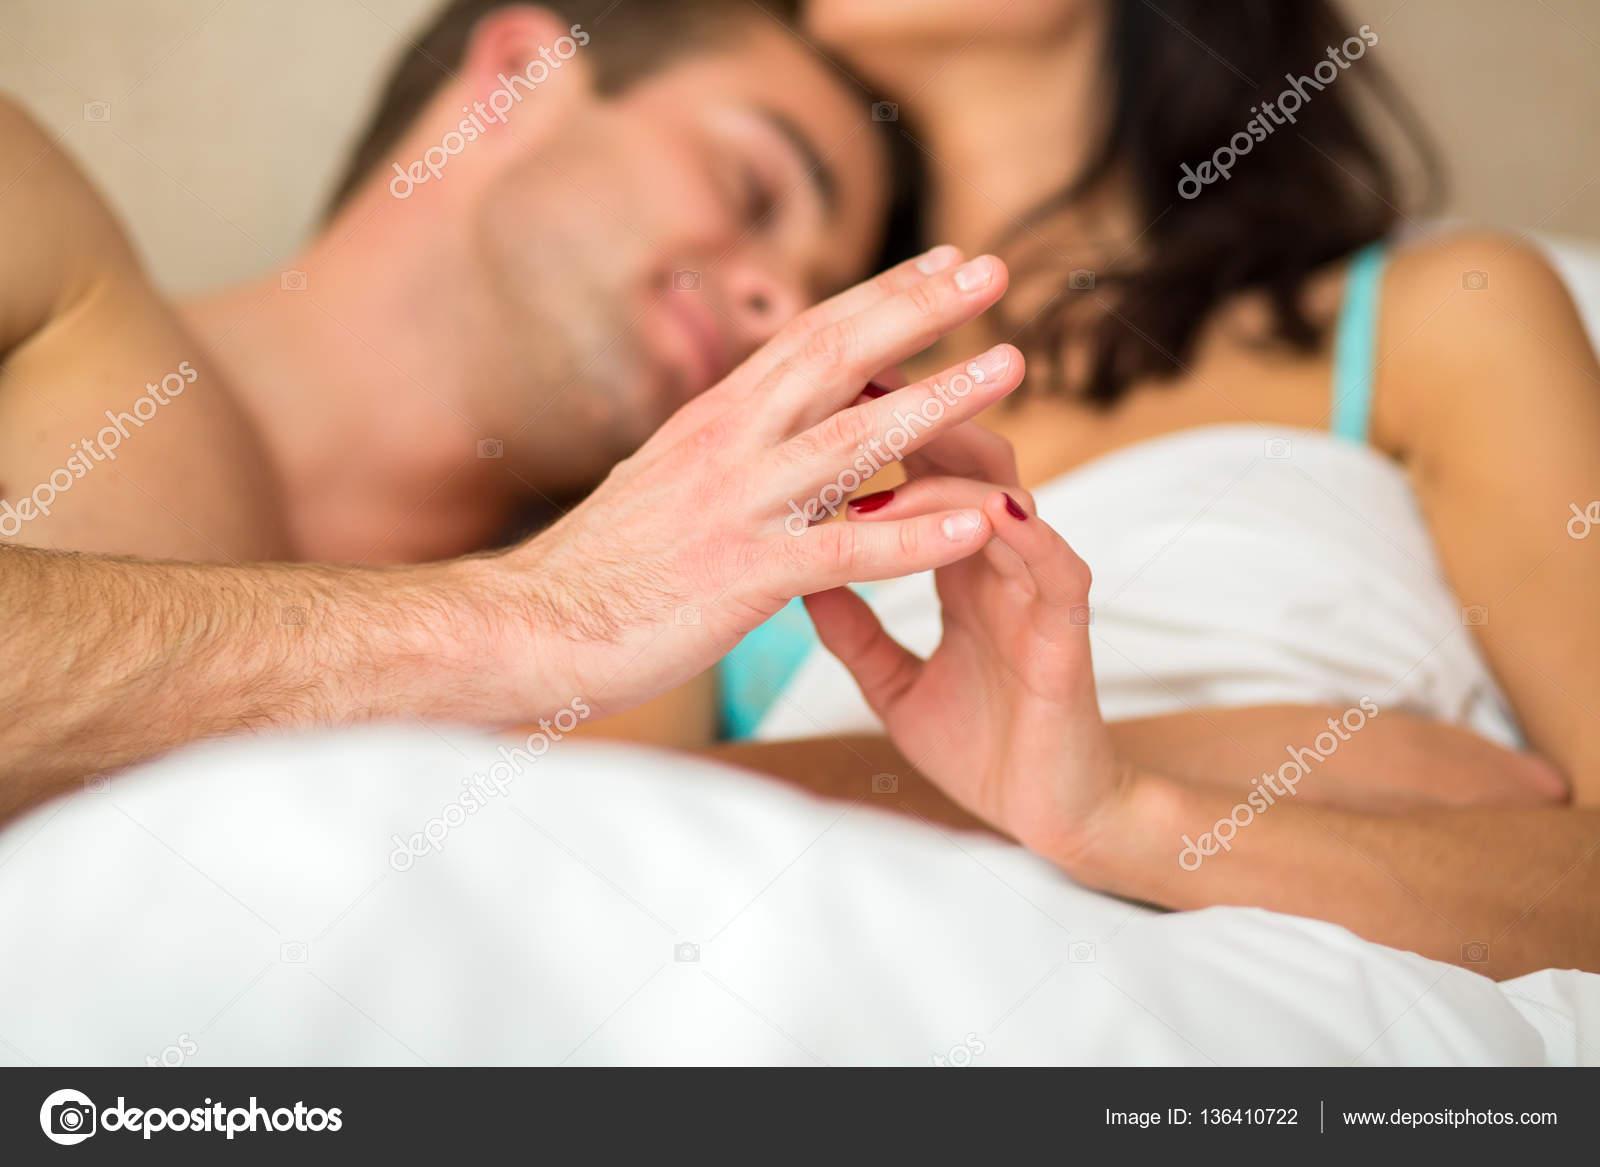 Член в руке девушки, Дрочат парню - Женщины дрочат член пацанам не давая 21 фотография